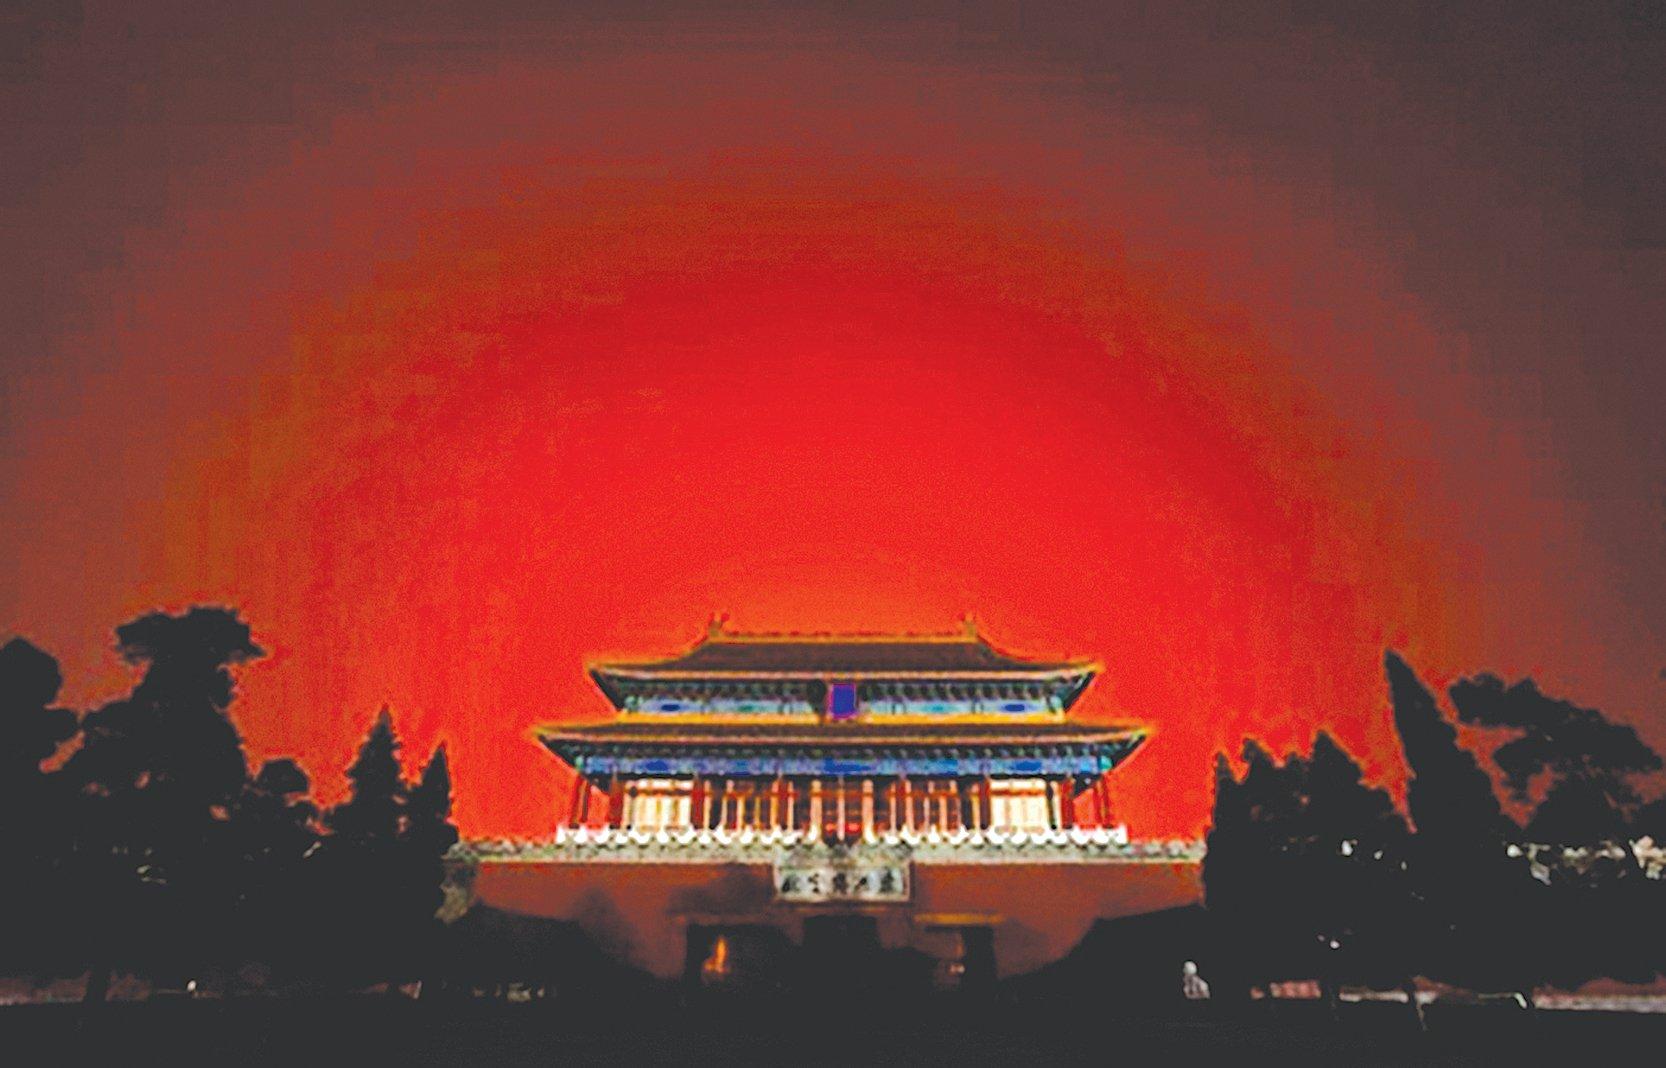 1月8日,中共在北京召開「不忘初心、牢記使命」主題教育總結大會,面對諸多困境,凸顯中南海已經黔驢技窮。(Getty Images)